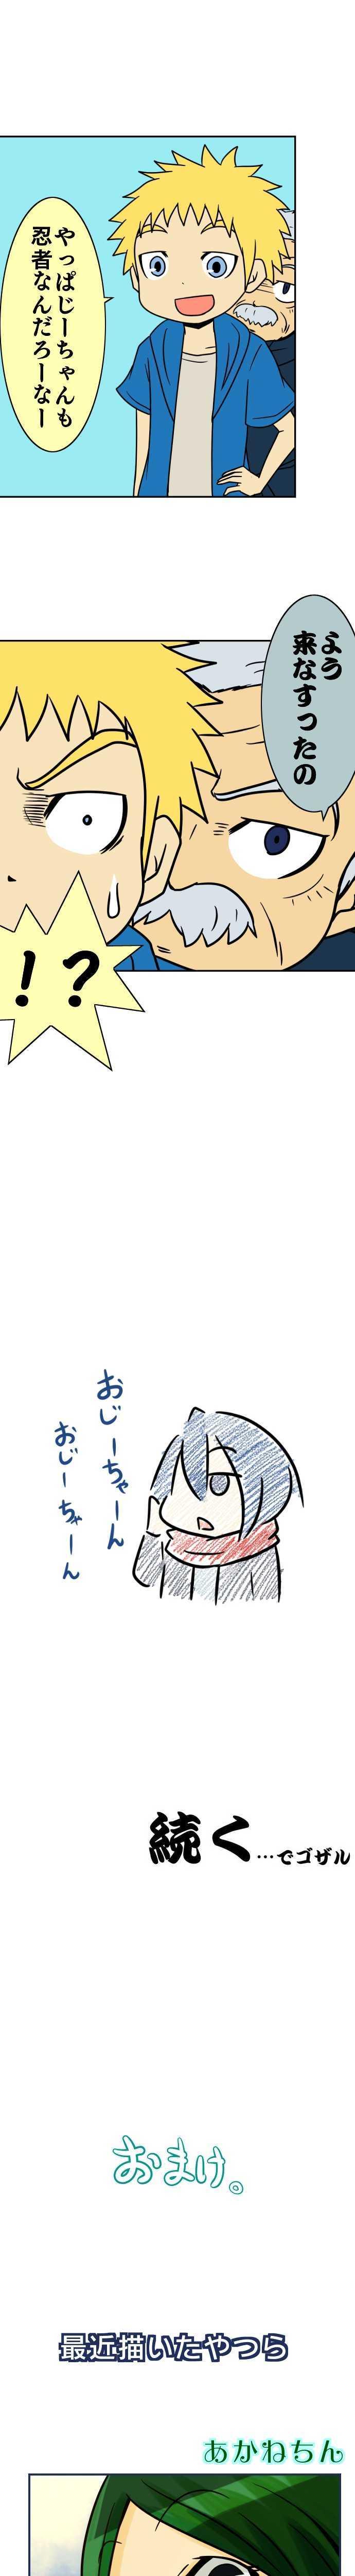 49術目:忍ぶ合宿(其の壱)